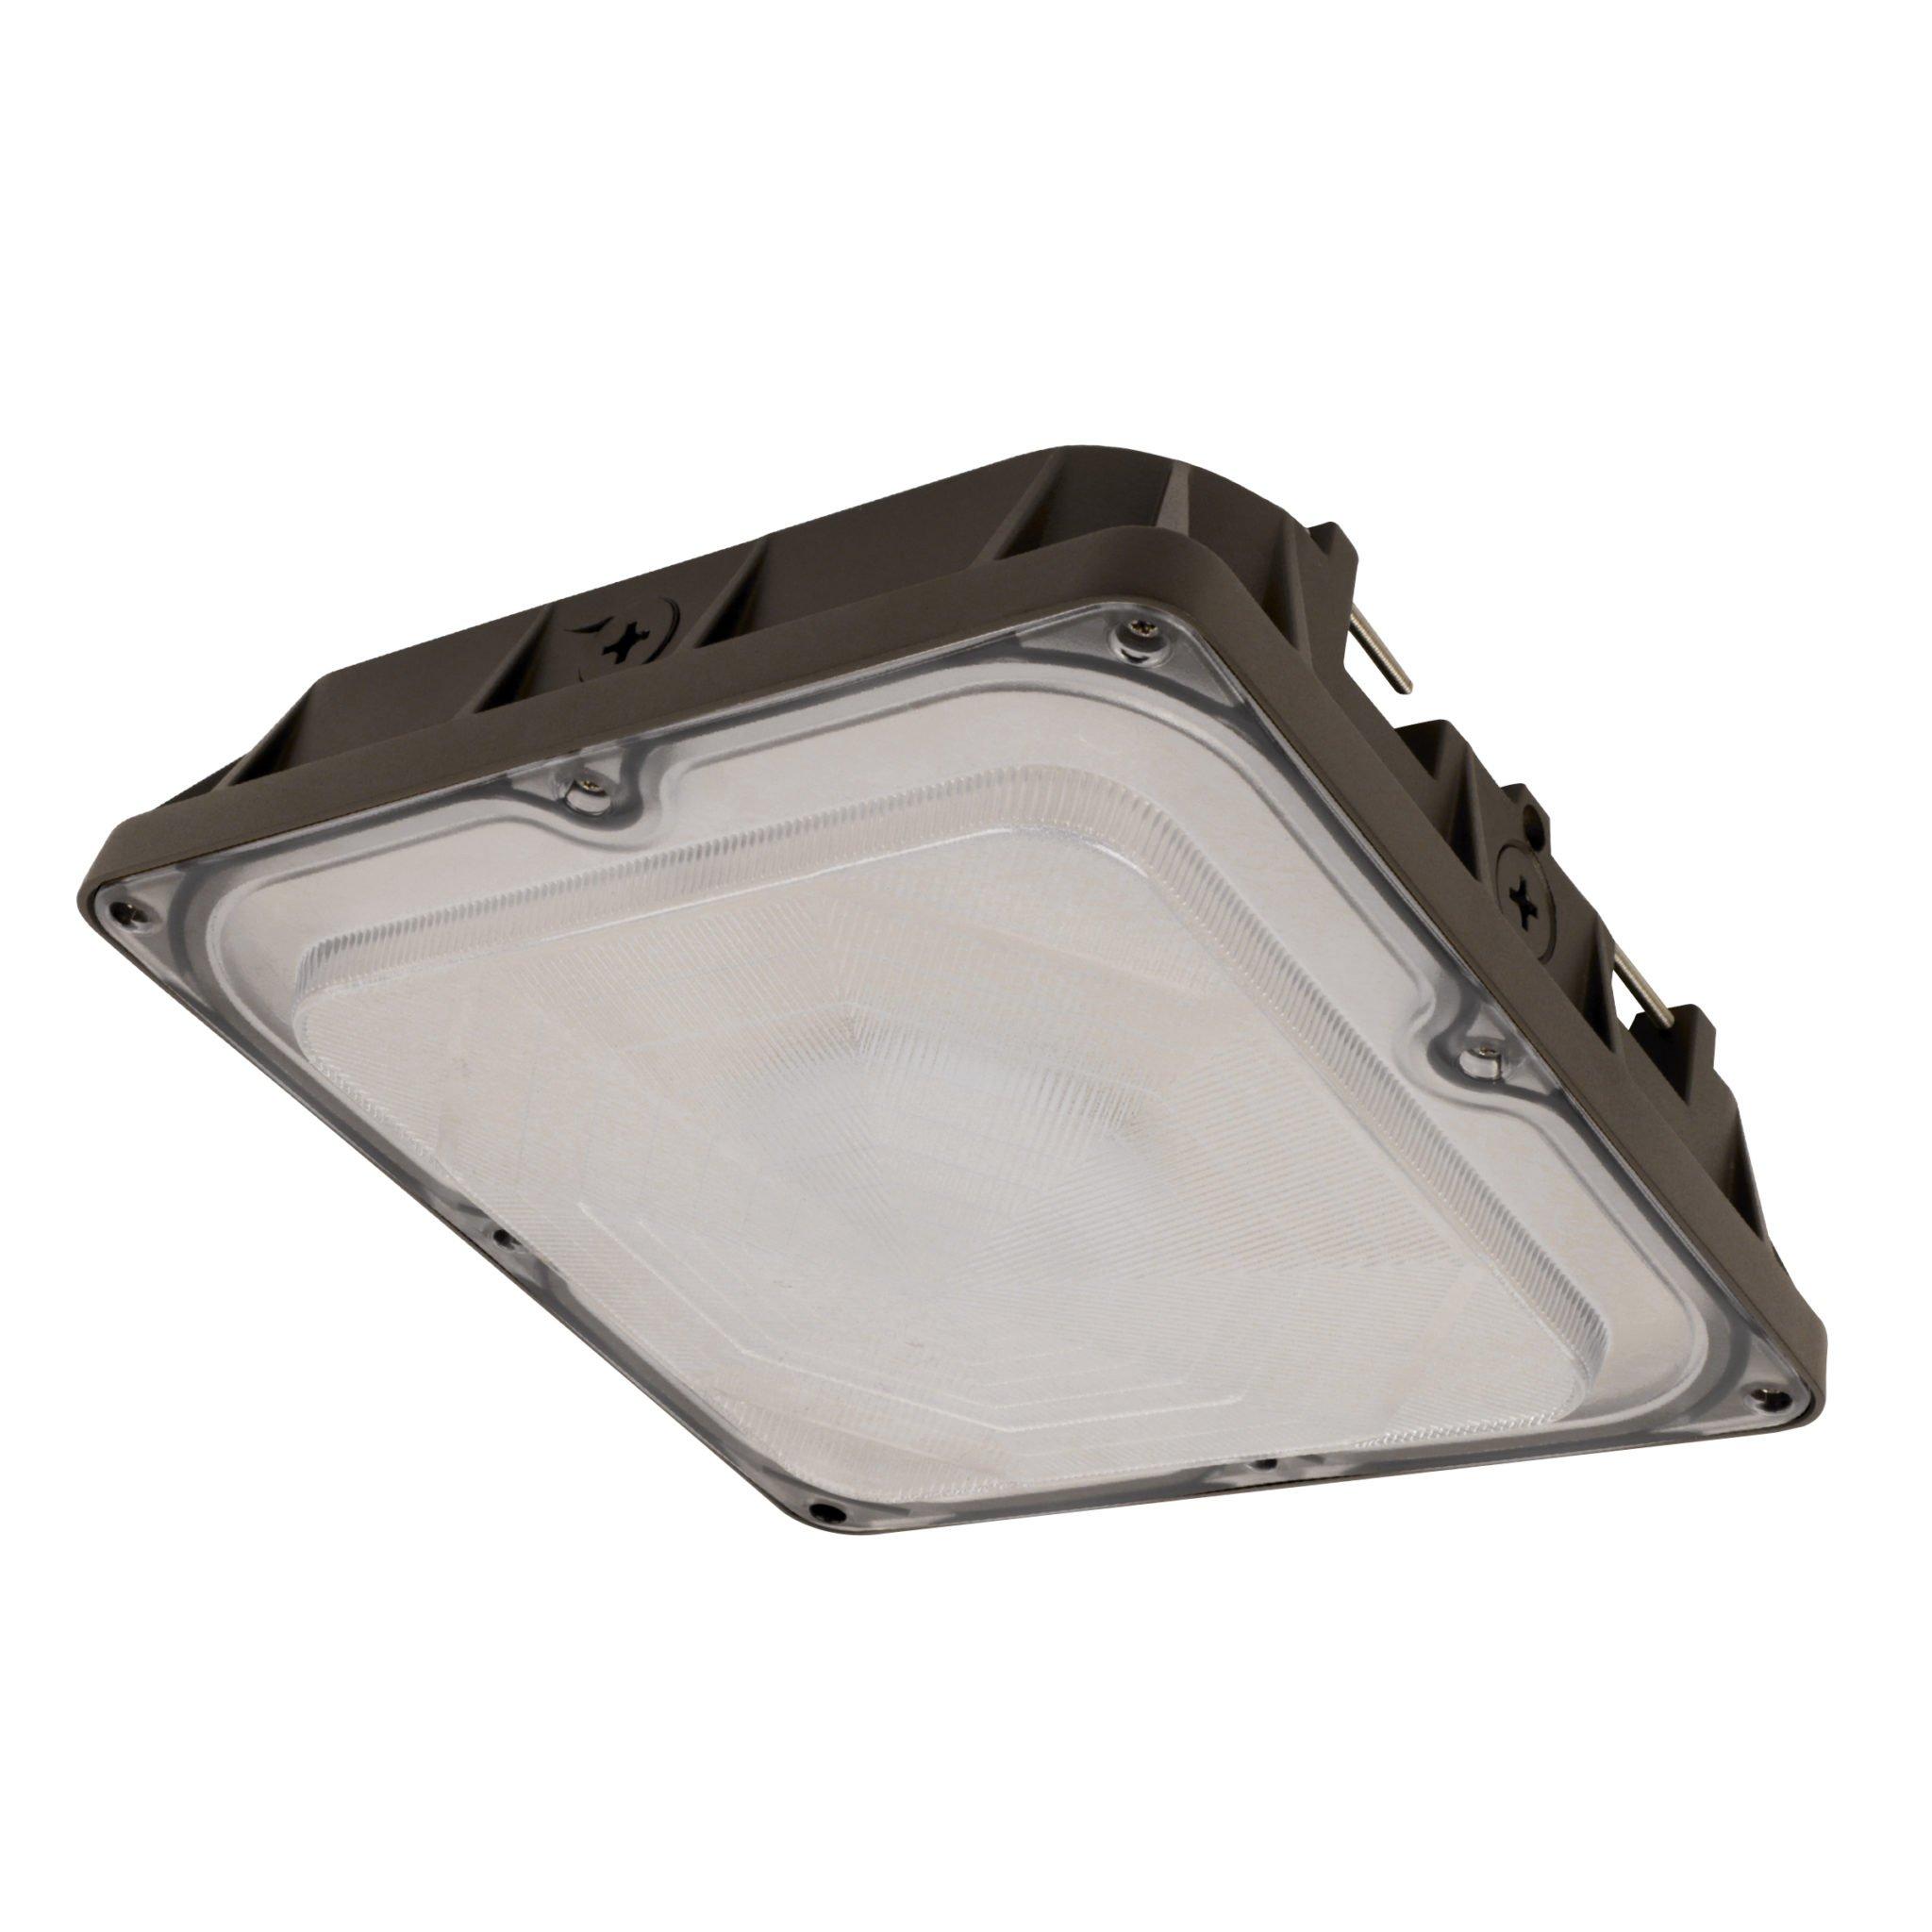 FEIT S10CNPY/850/BZ 4700 Lumen 5000K LED Canopy, 120-277V, 0-10V DIMMABLE - Bronze Finish